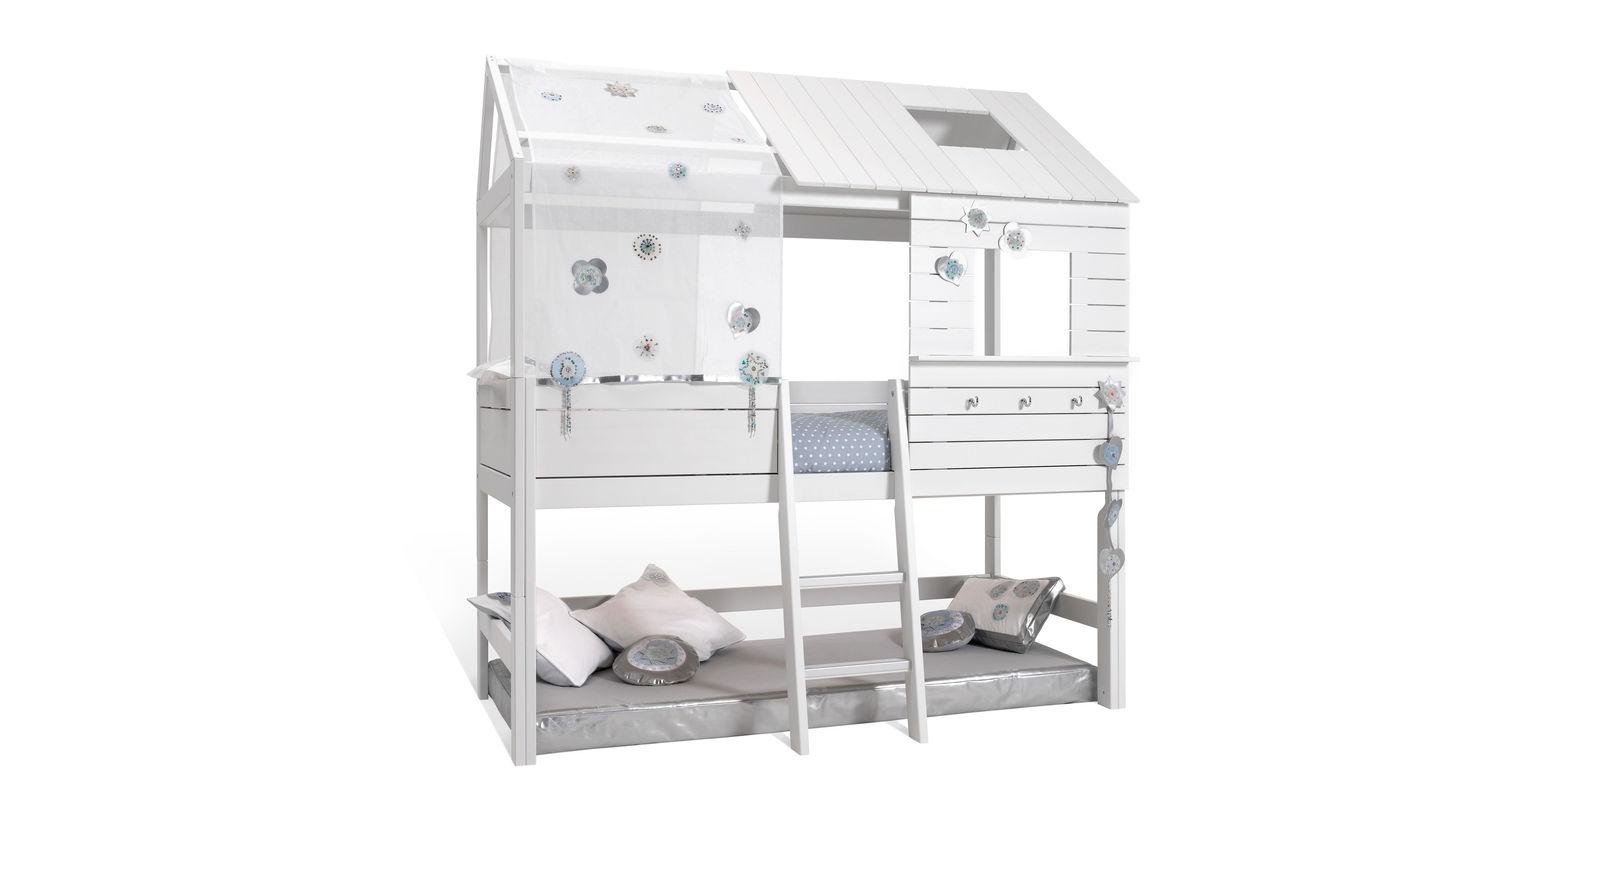 LIFETIME Hütten-Hochbett Sternenglanz optional mit Zubehör